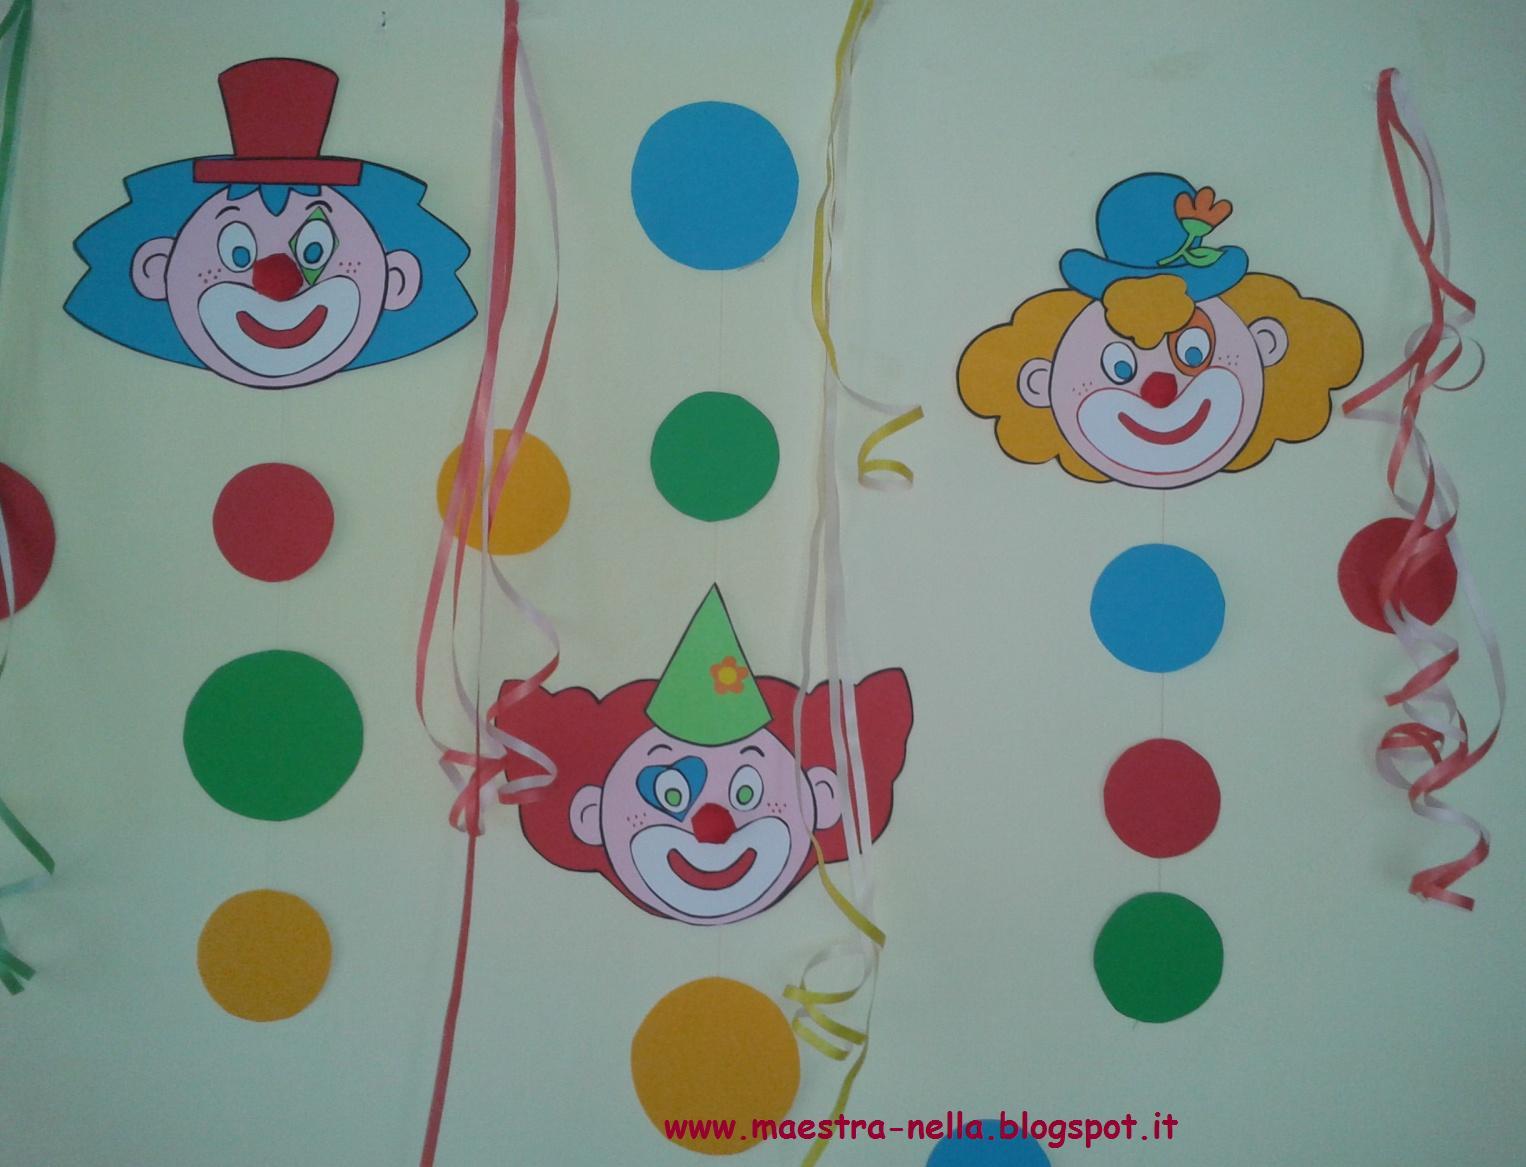 Maestra nella carnevale addobbi per l 39 aula - Addobbi natalizi per finestre scuola infanzia ...